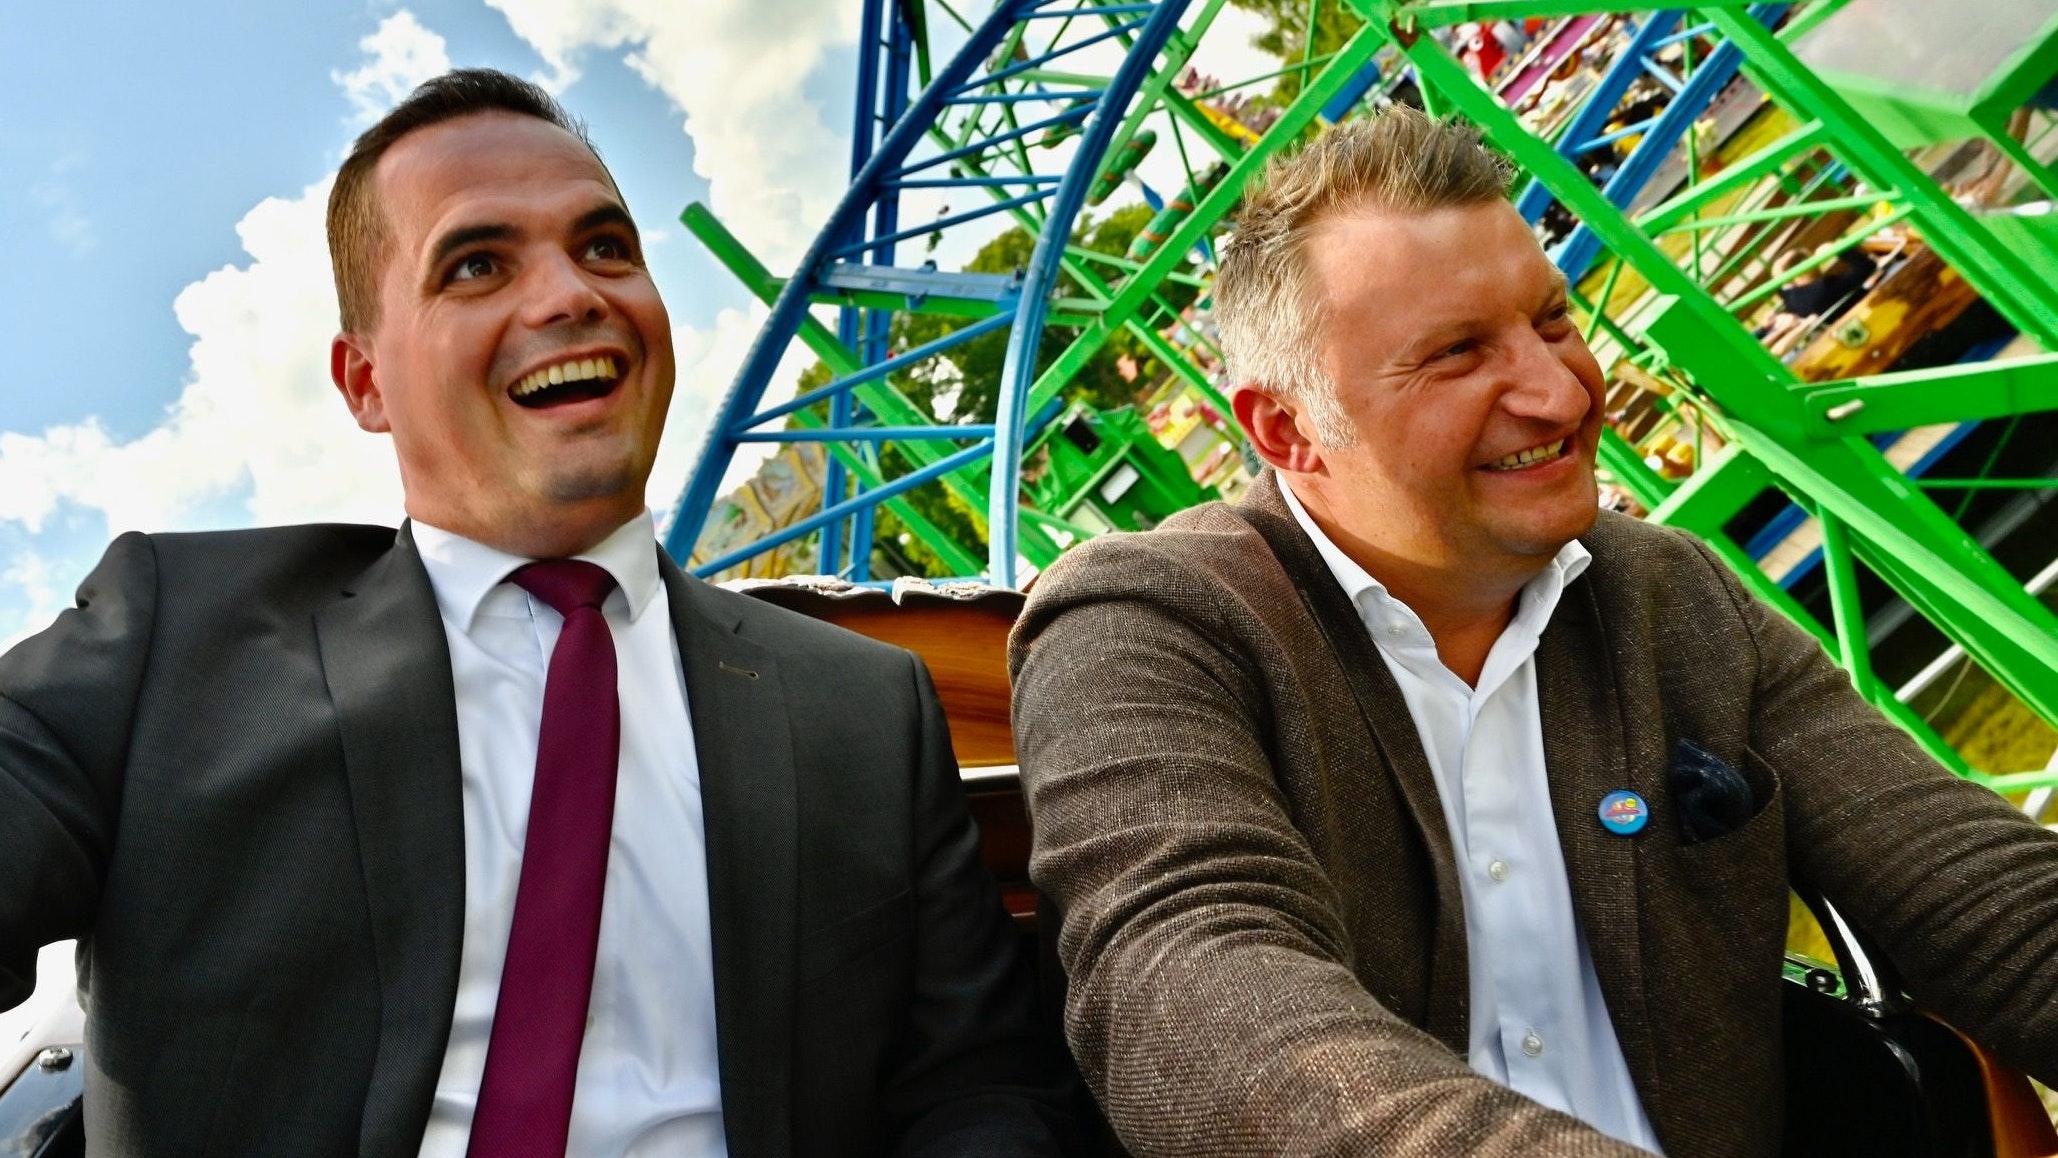 Gemeinsam in der Achterbahn: Bürgermeister Kristian Kater (links) und Schausteller-Vorsitzender Jürgen Meyer. Foto: M. Niehues